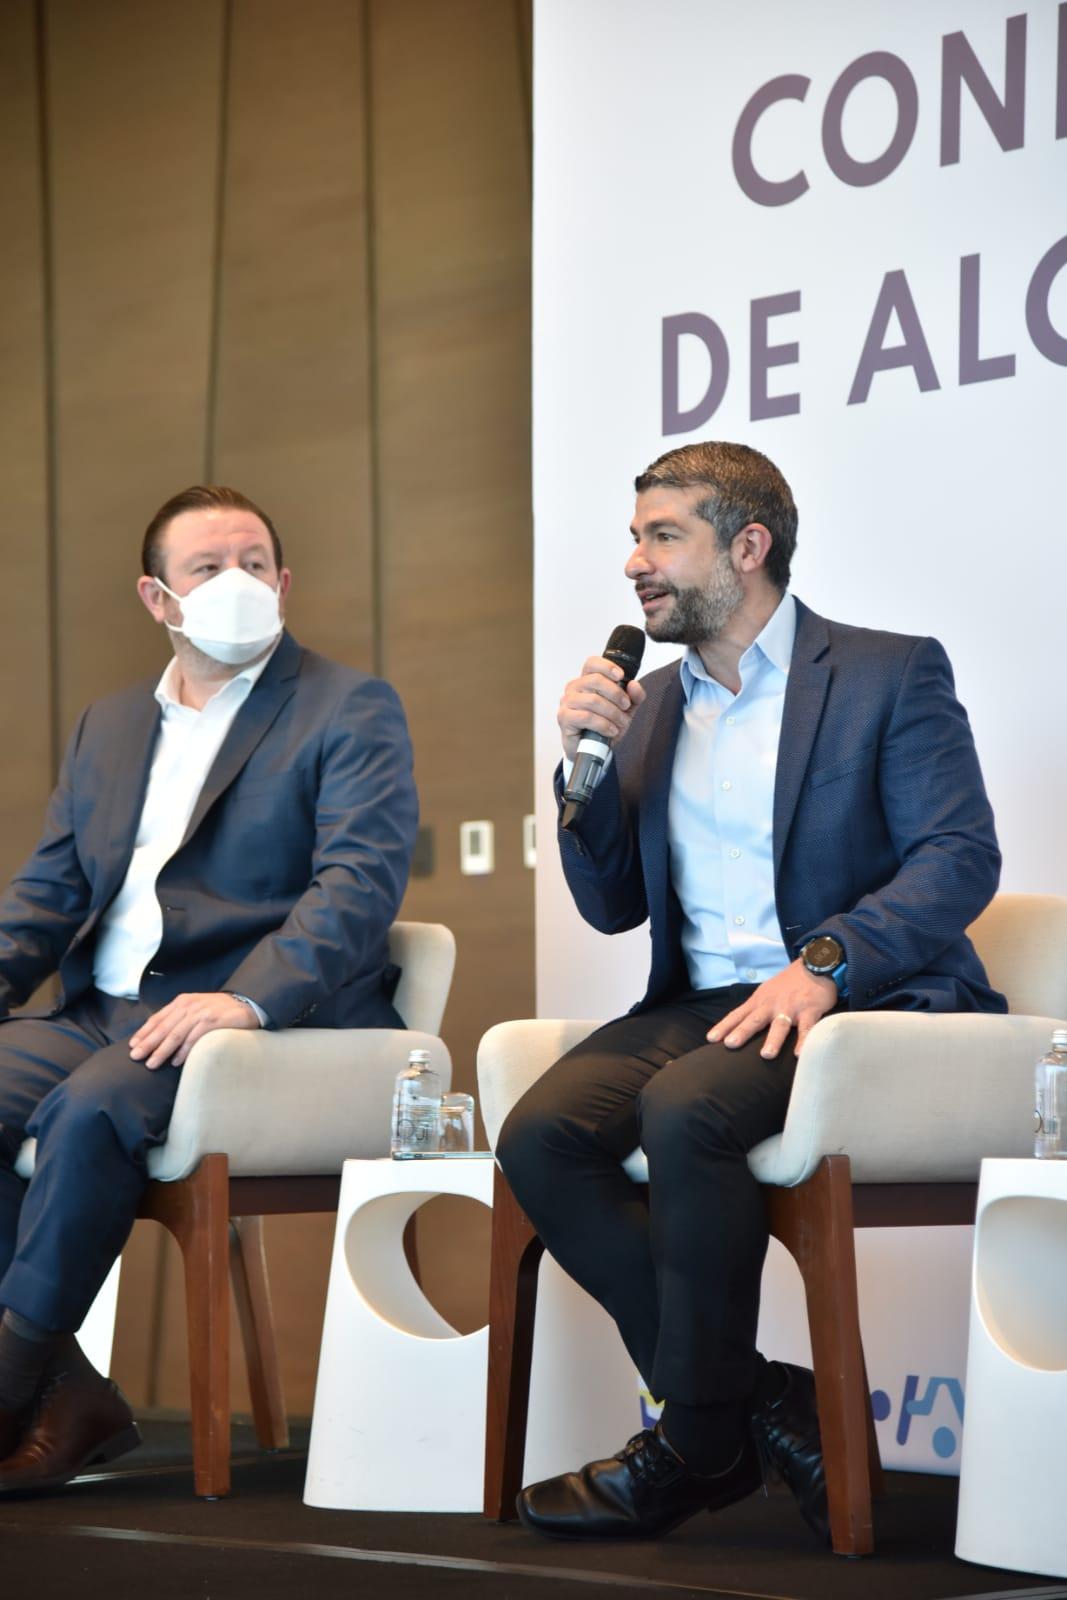 Convoca Tabe a recaudar fondos para atender escuelas públicas en mal estado en Miguel Hidalgo